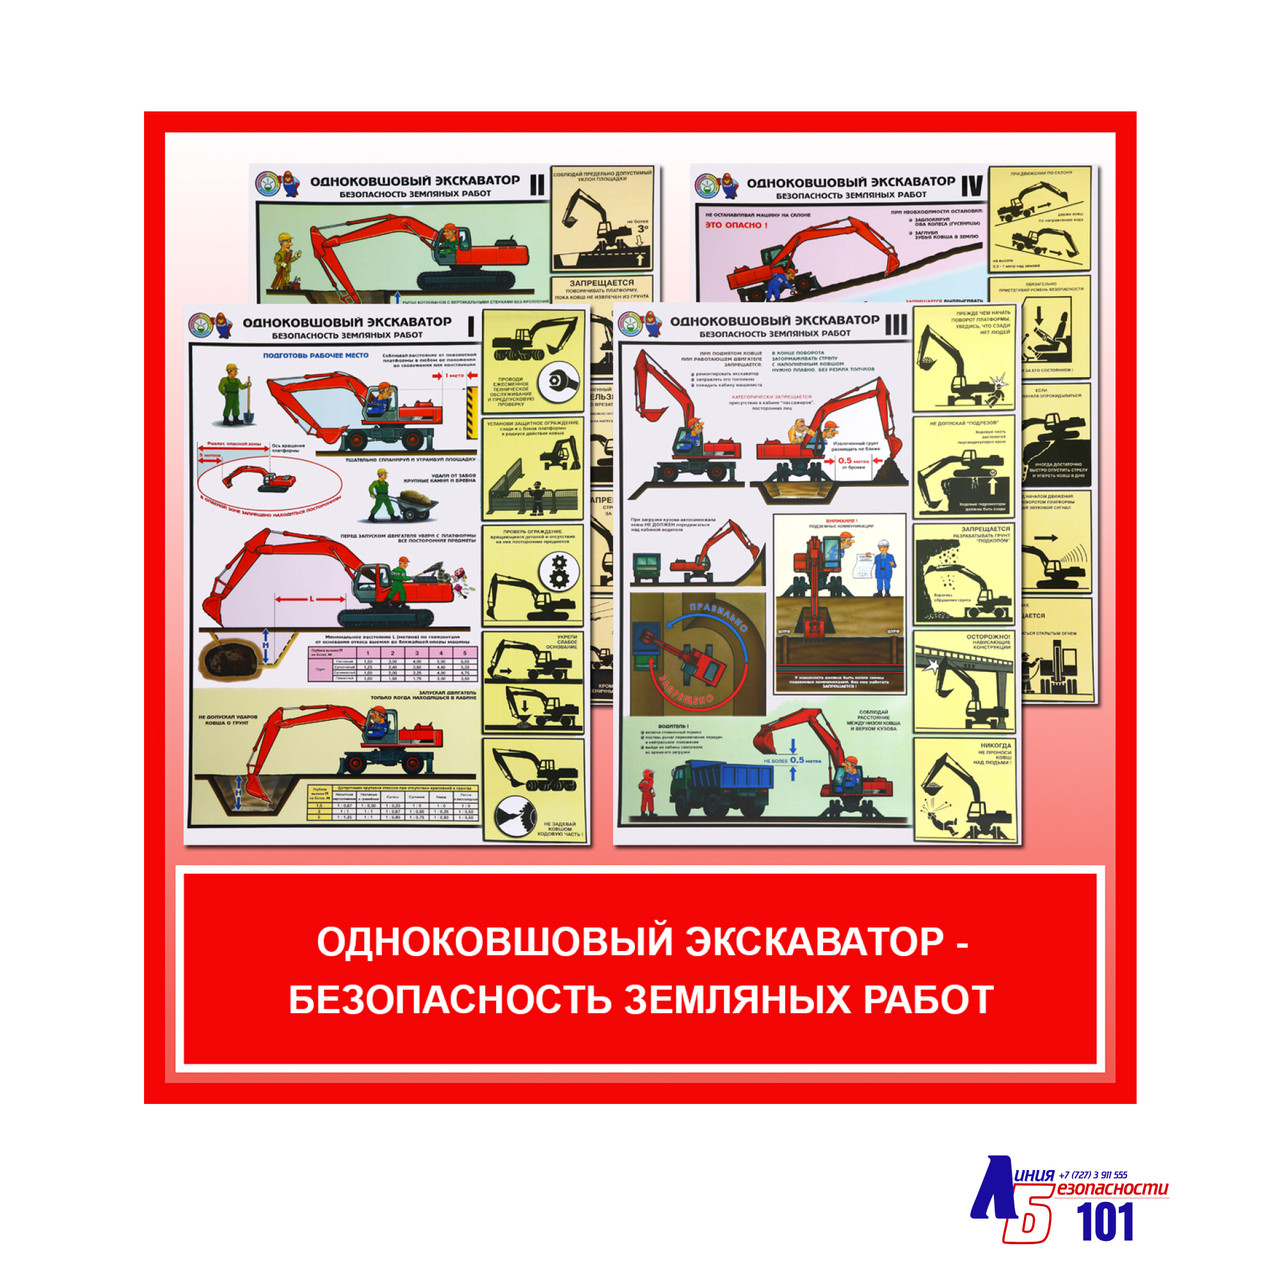 """Плакаты """"Одноковшовый экскаватор - безопасность земляных работ"""""""